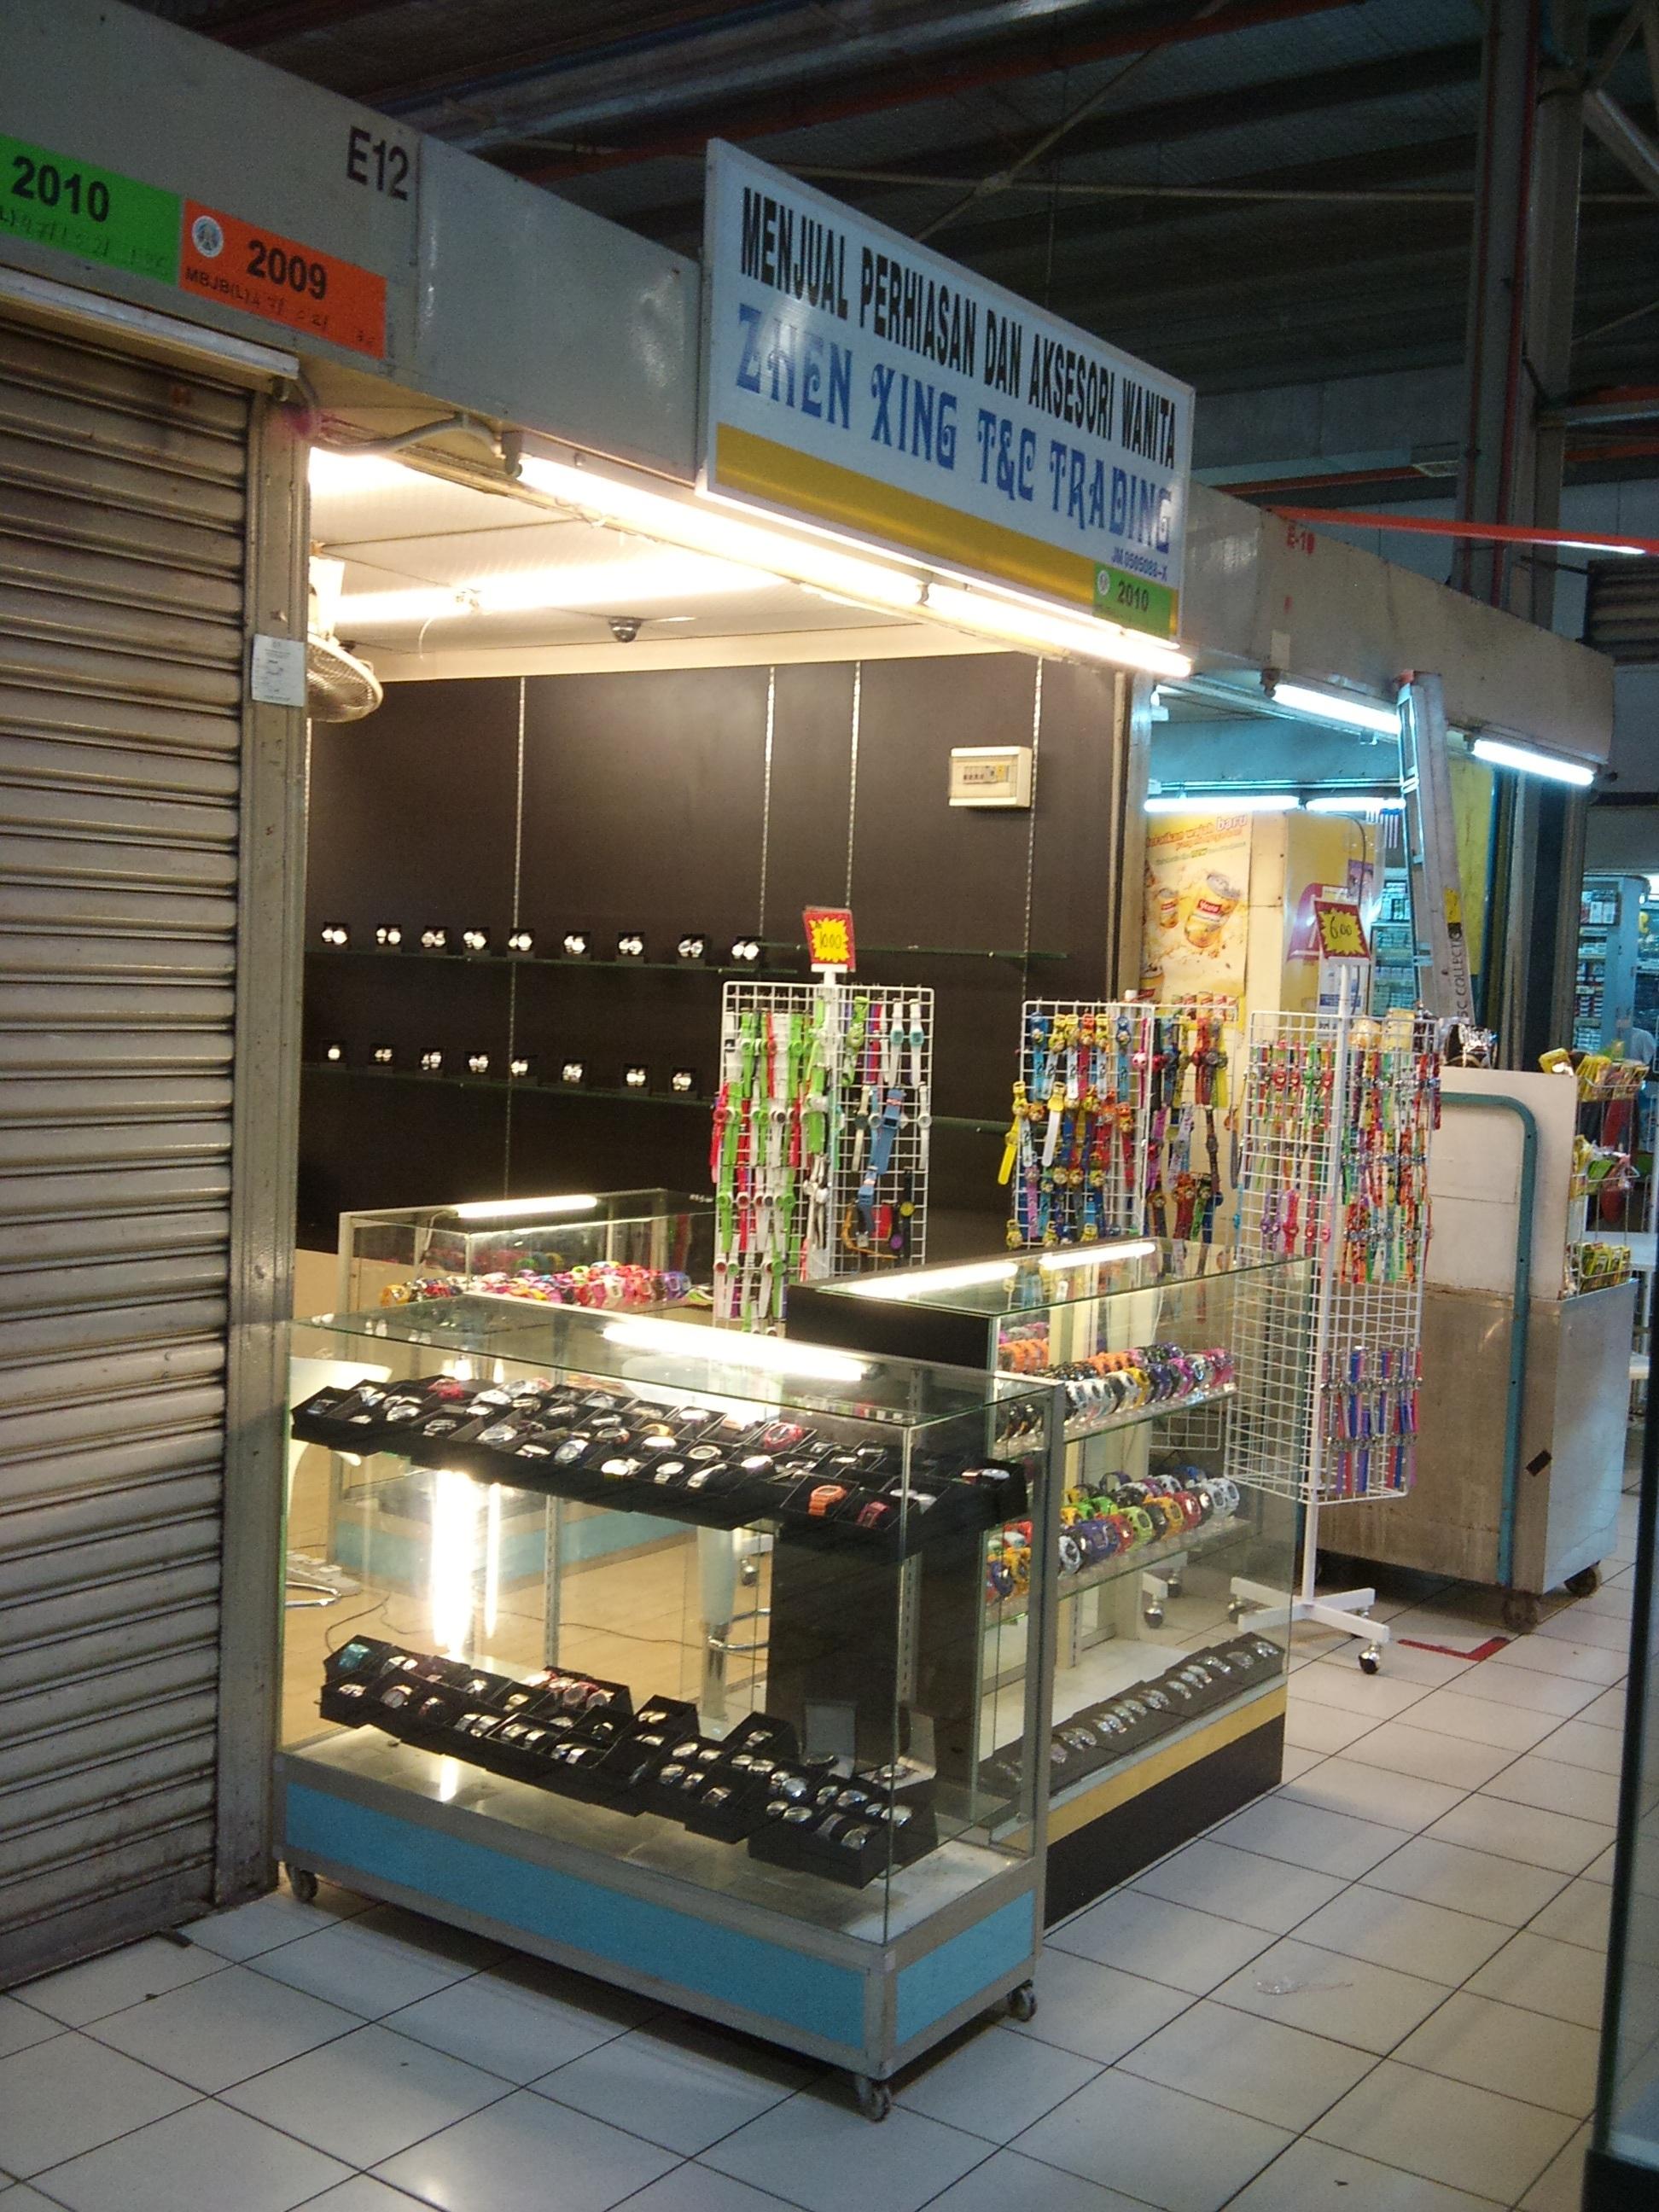 Fish aquarium in johor bahru - Johor Bahru S Watches Clocks Shop At Johor Malaysia